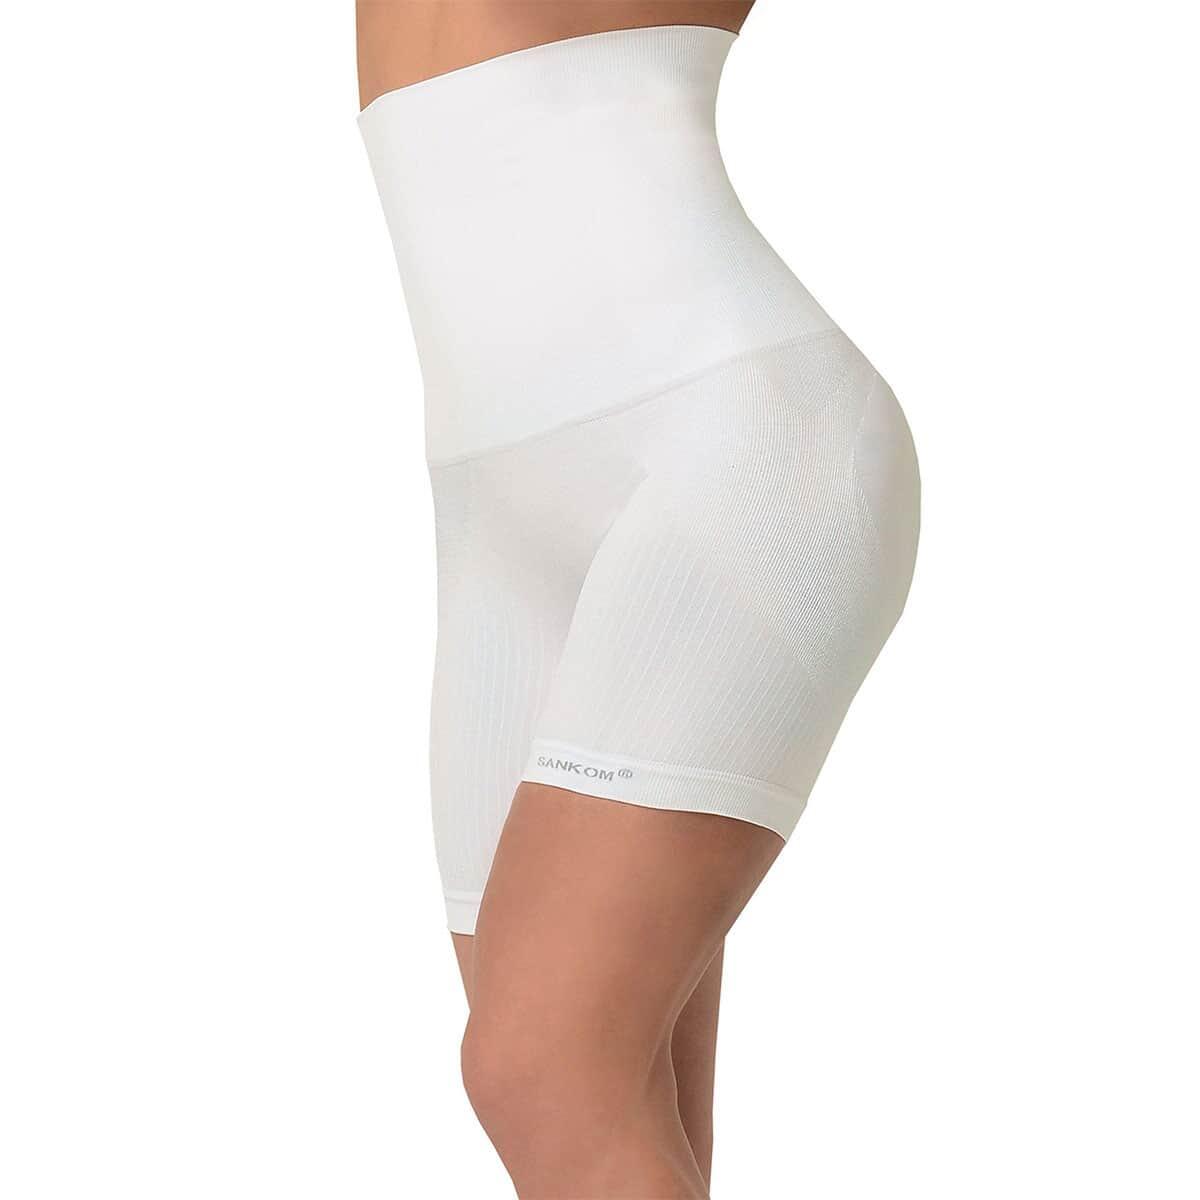 SANKOM Patent Mid-Thigh Shaper with Pearl Fibers - L/XL | White